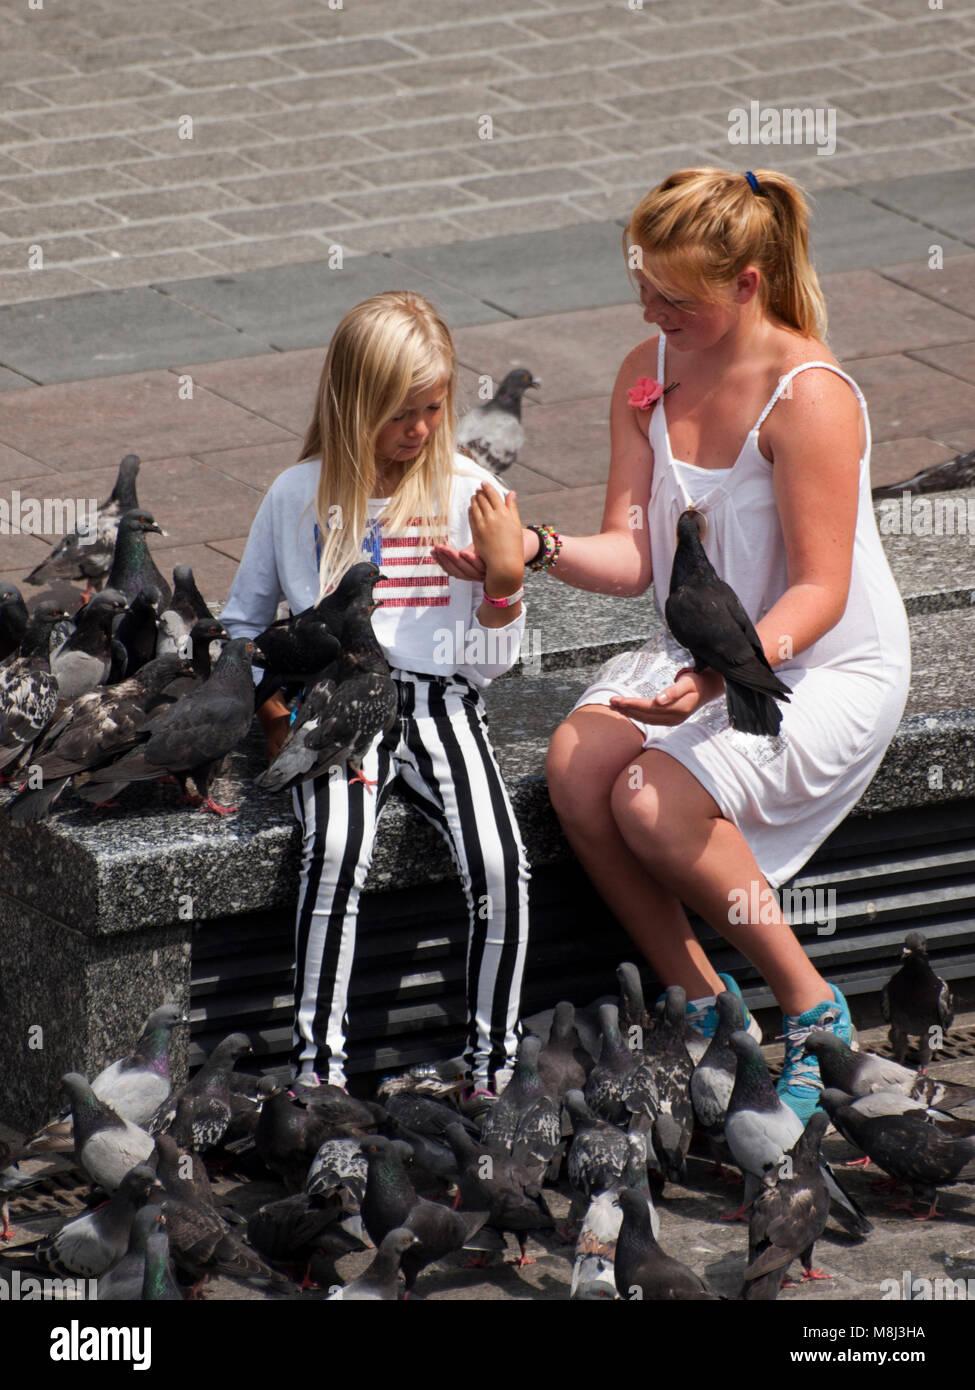 Dos chicas adolescentes dándole de comer a las palomas en la plaza principal de Cracovia. Imagen De Stock